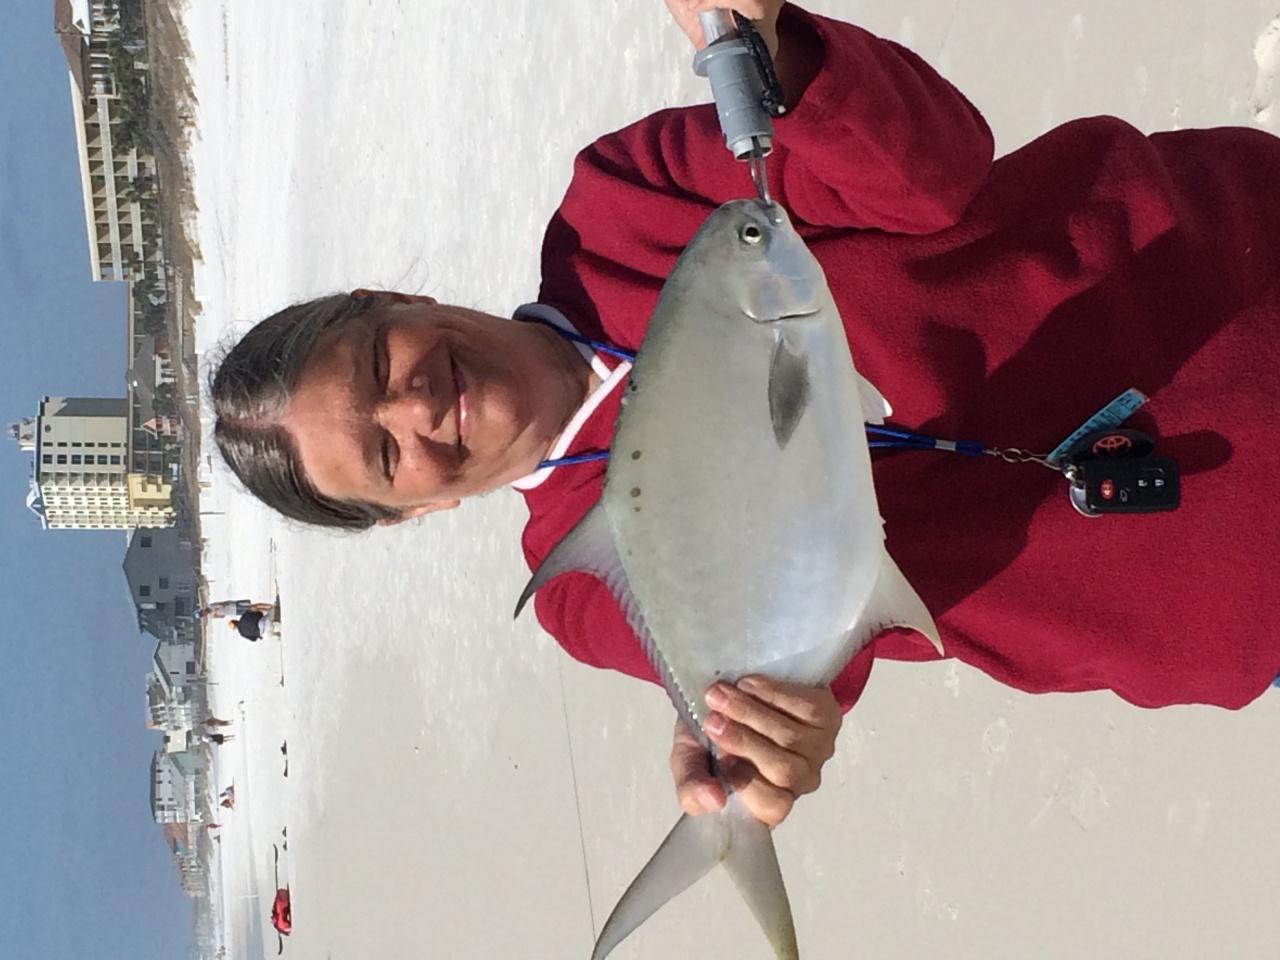 Some fish-a55a055b-f4ef-4adf-b441-04bb0dbbc15d-jpg